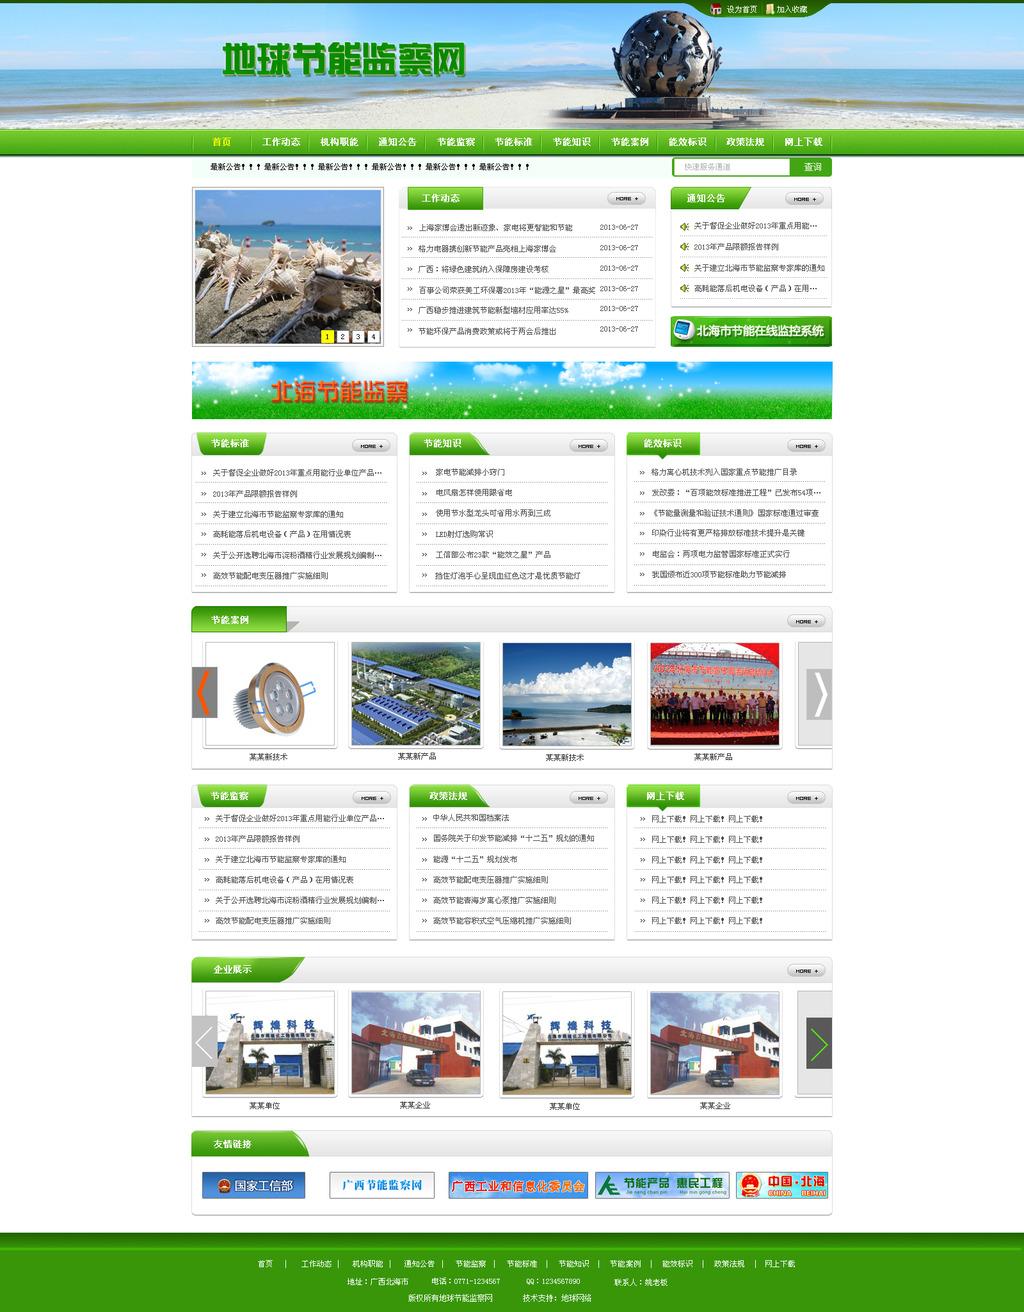 企业站模板模板下载 企业站模板图片下载 企业站 企业站模板 集团站